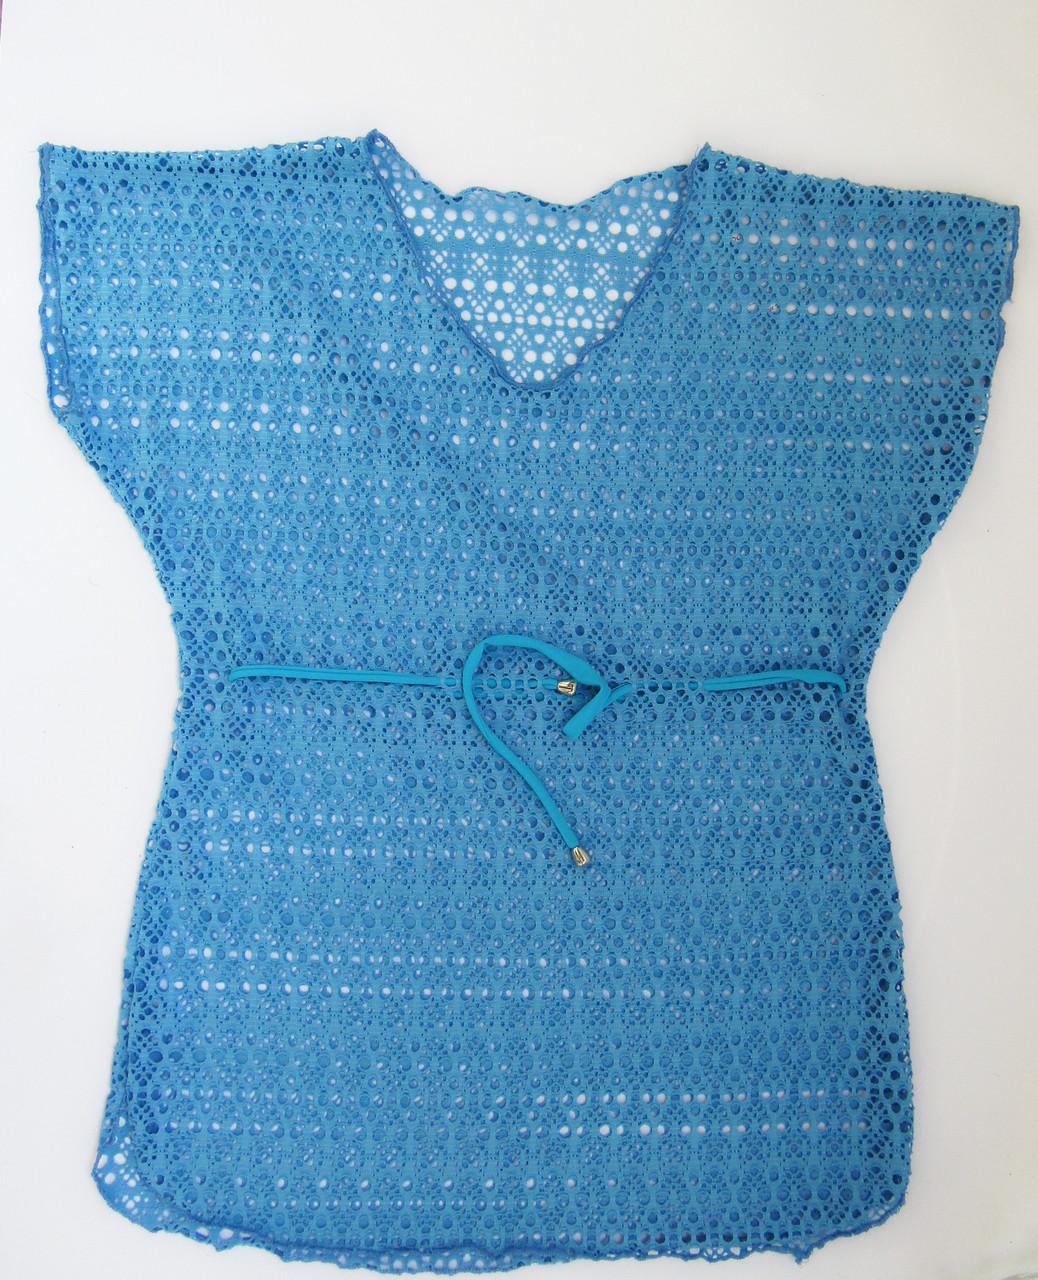 Детская пляжная накидка туника для девочек Голубой